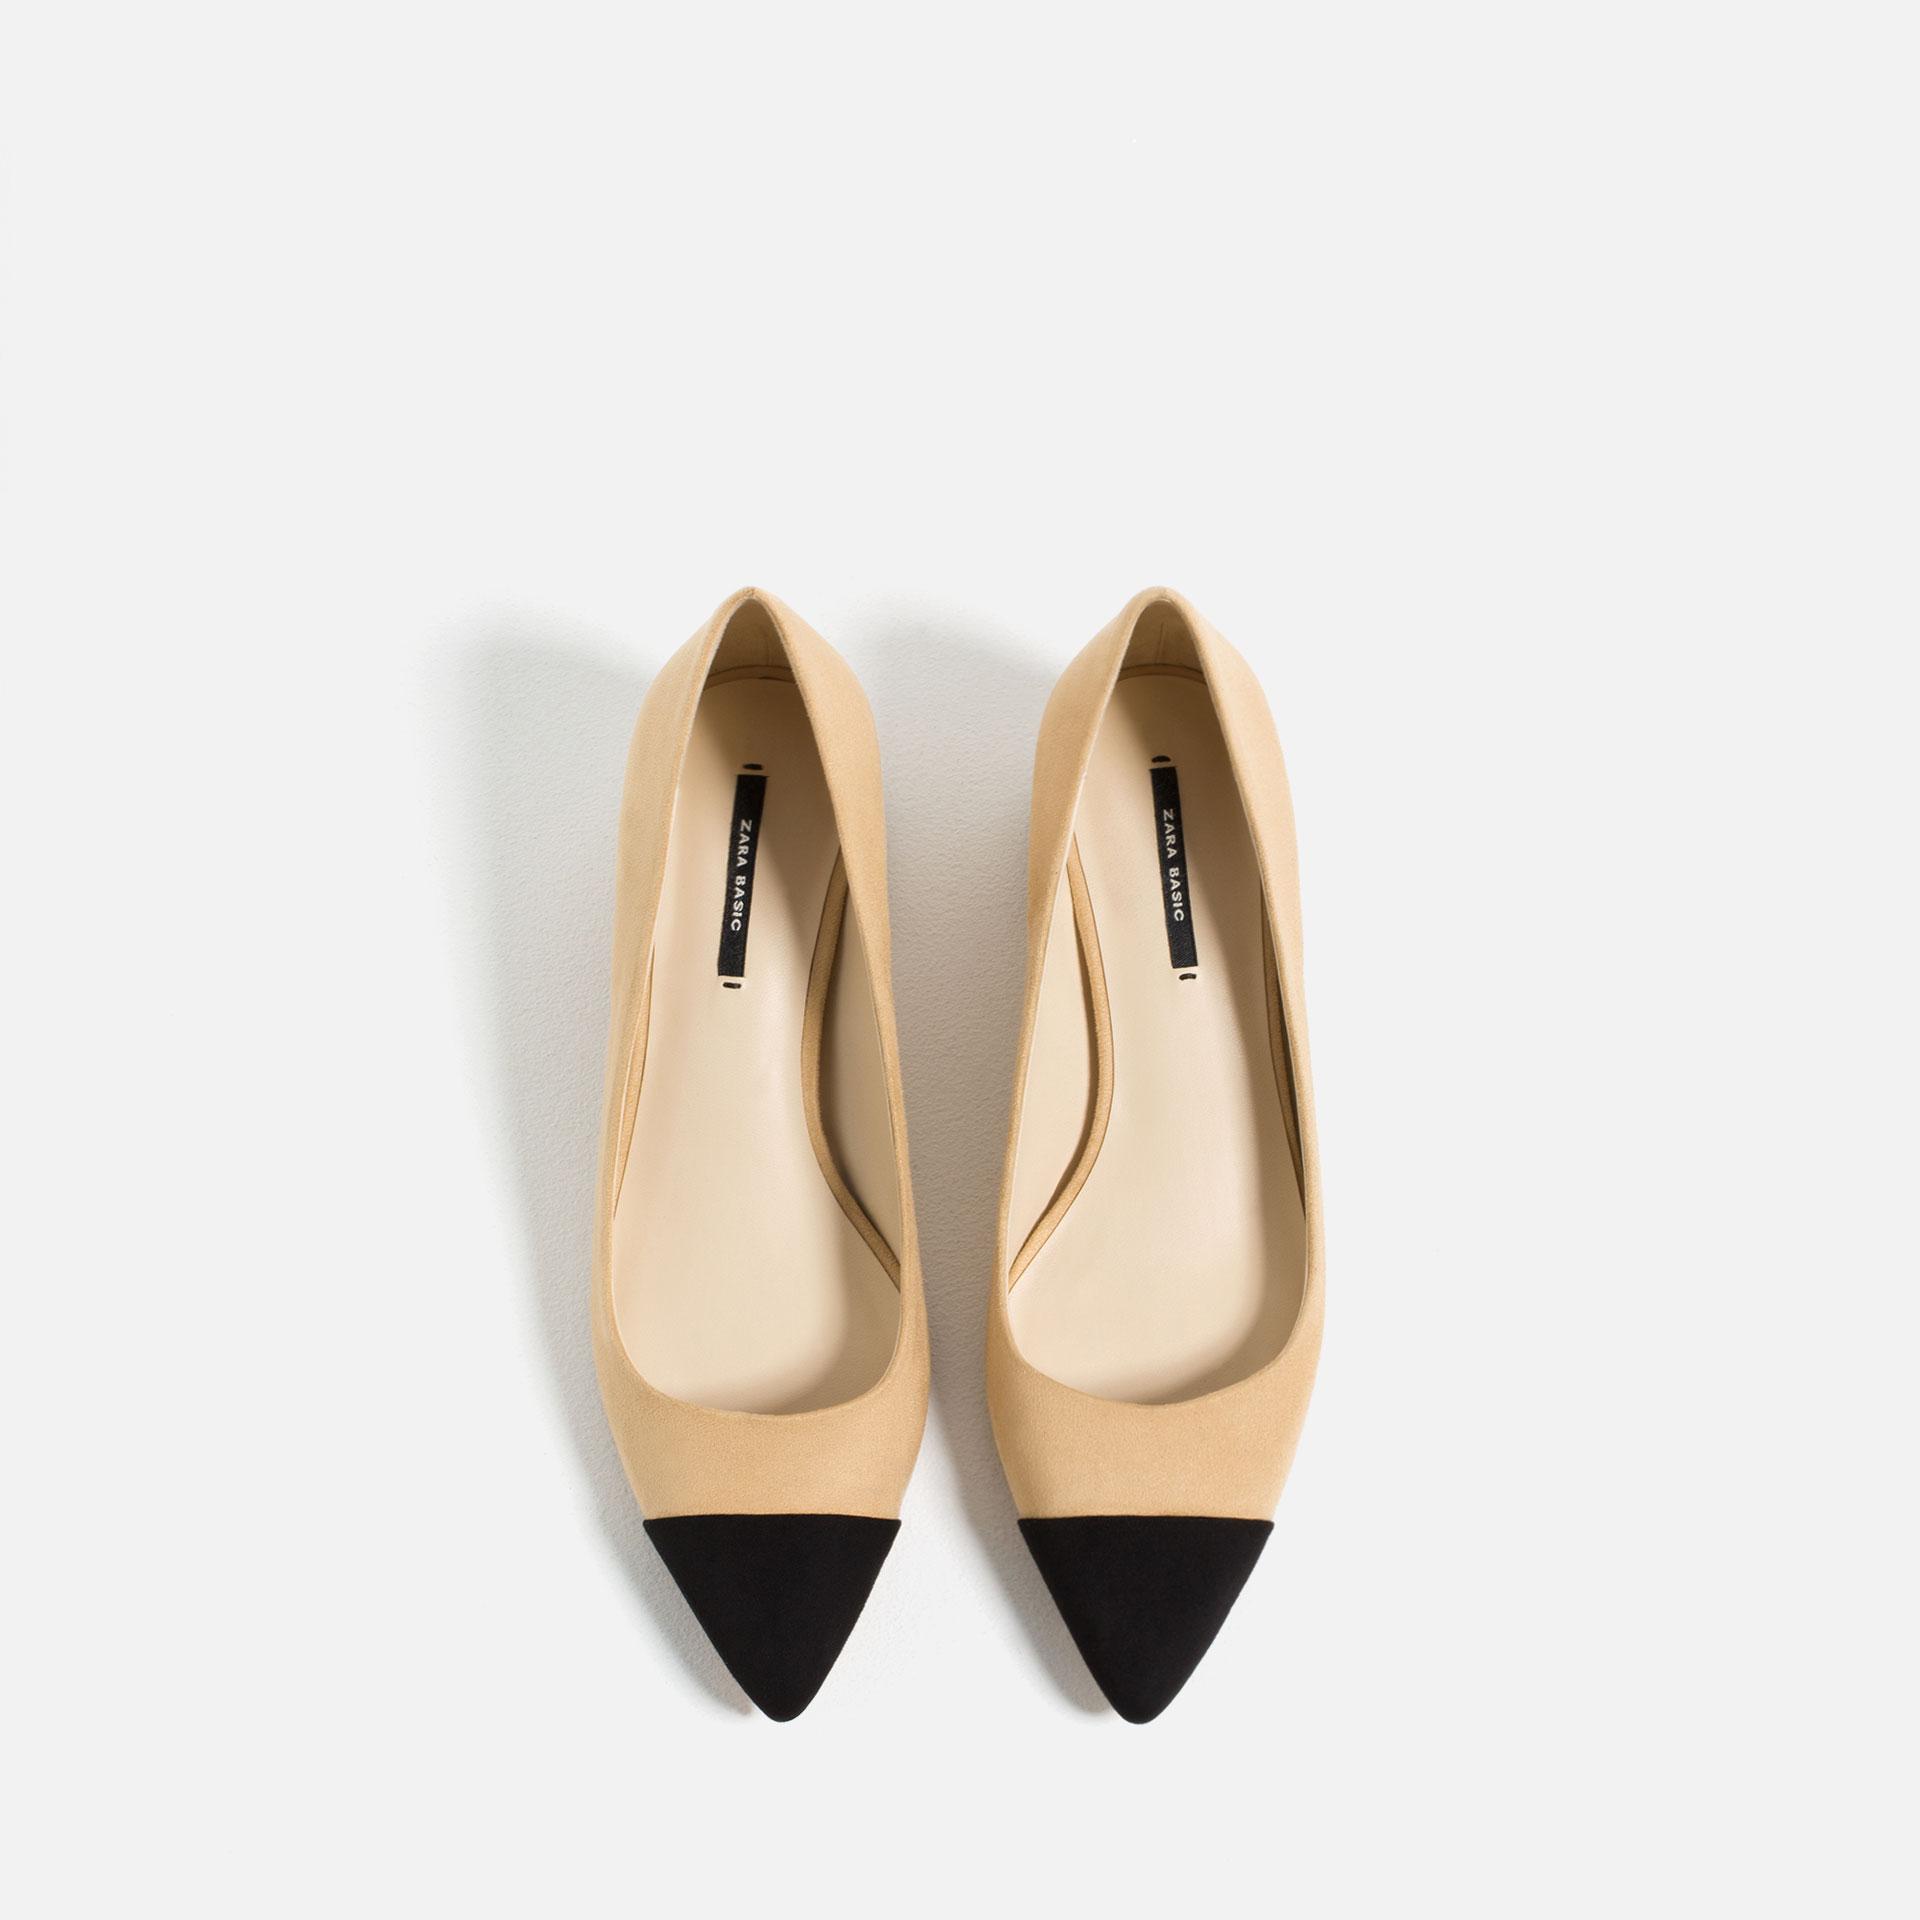 zapato-bicolor-beige-negro-chanel